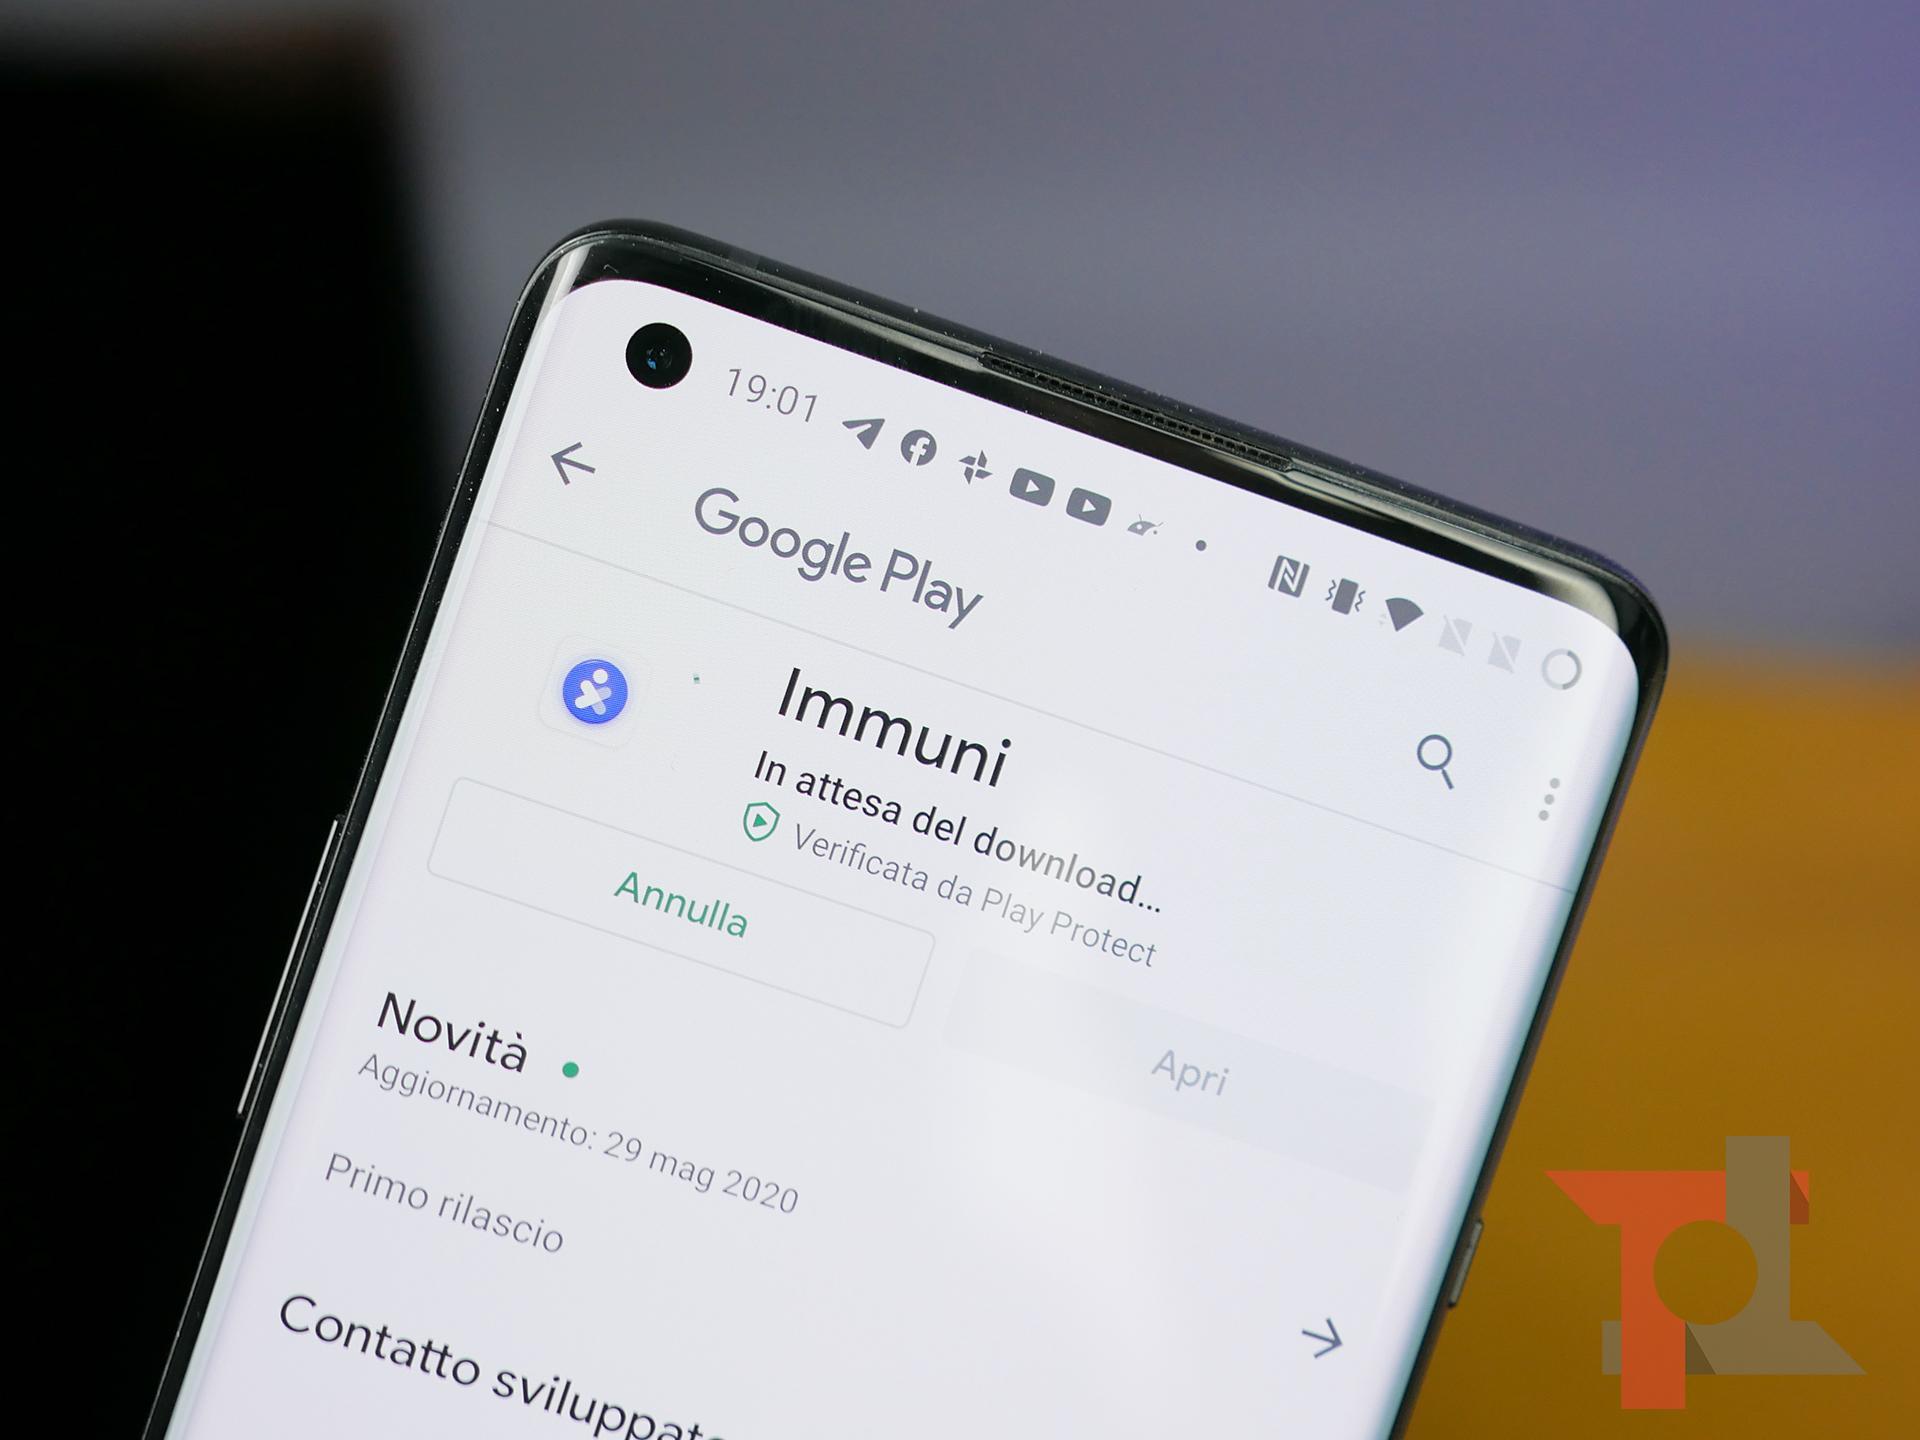 Immuni potrà essere scaricata anche da AppGallery di Huawei